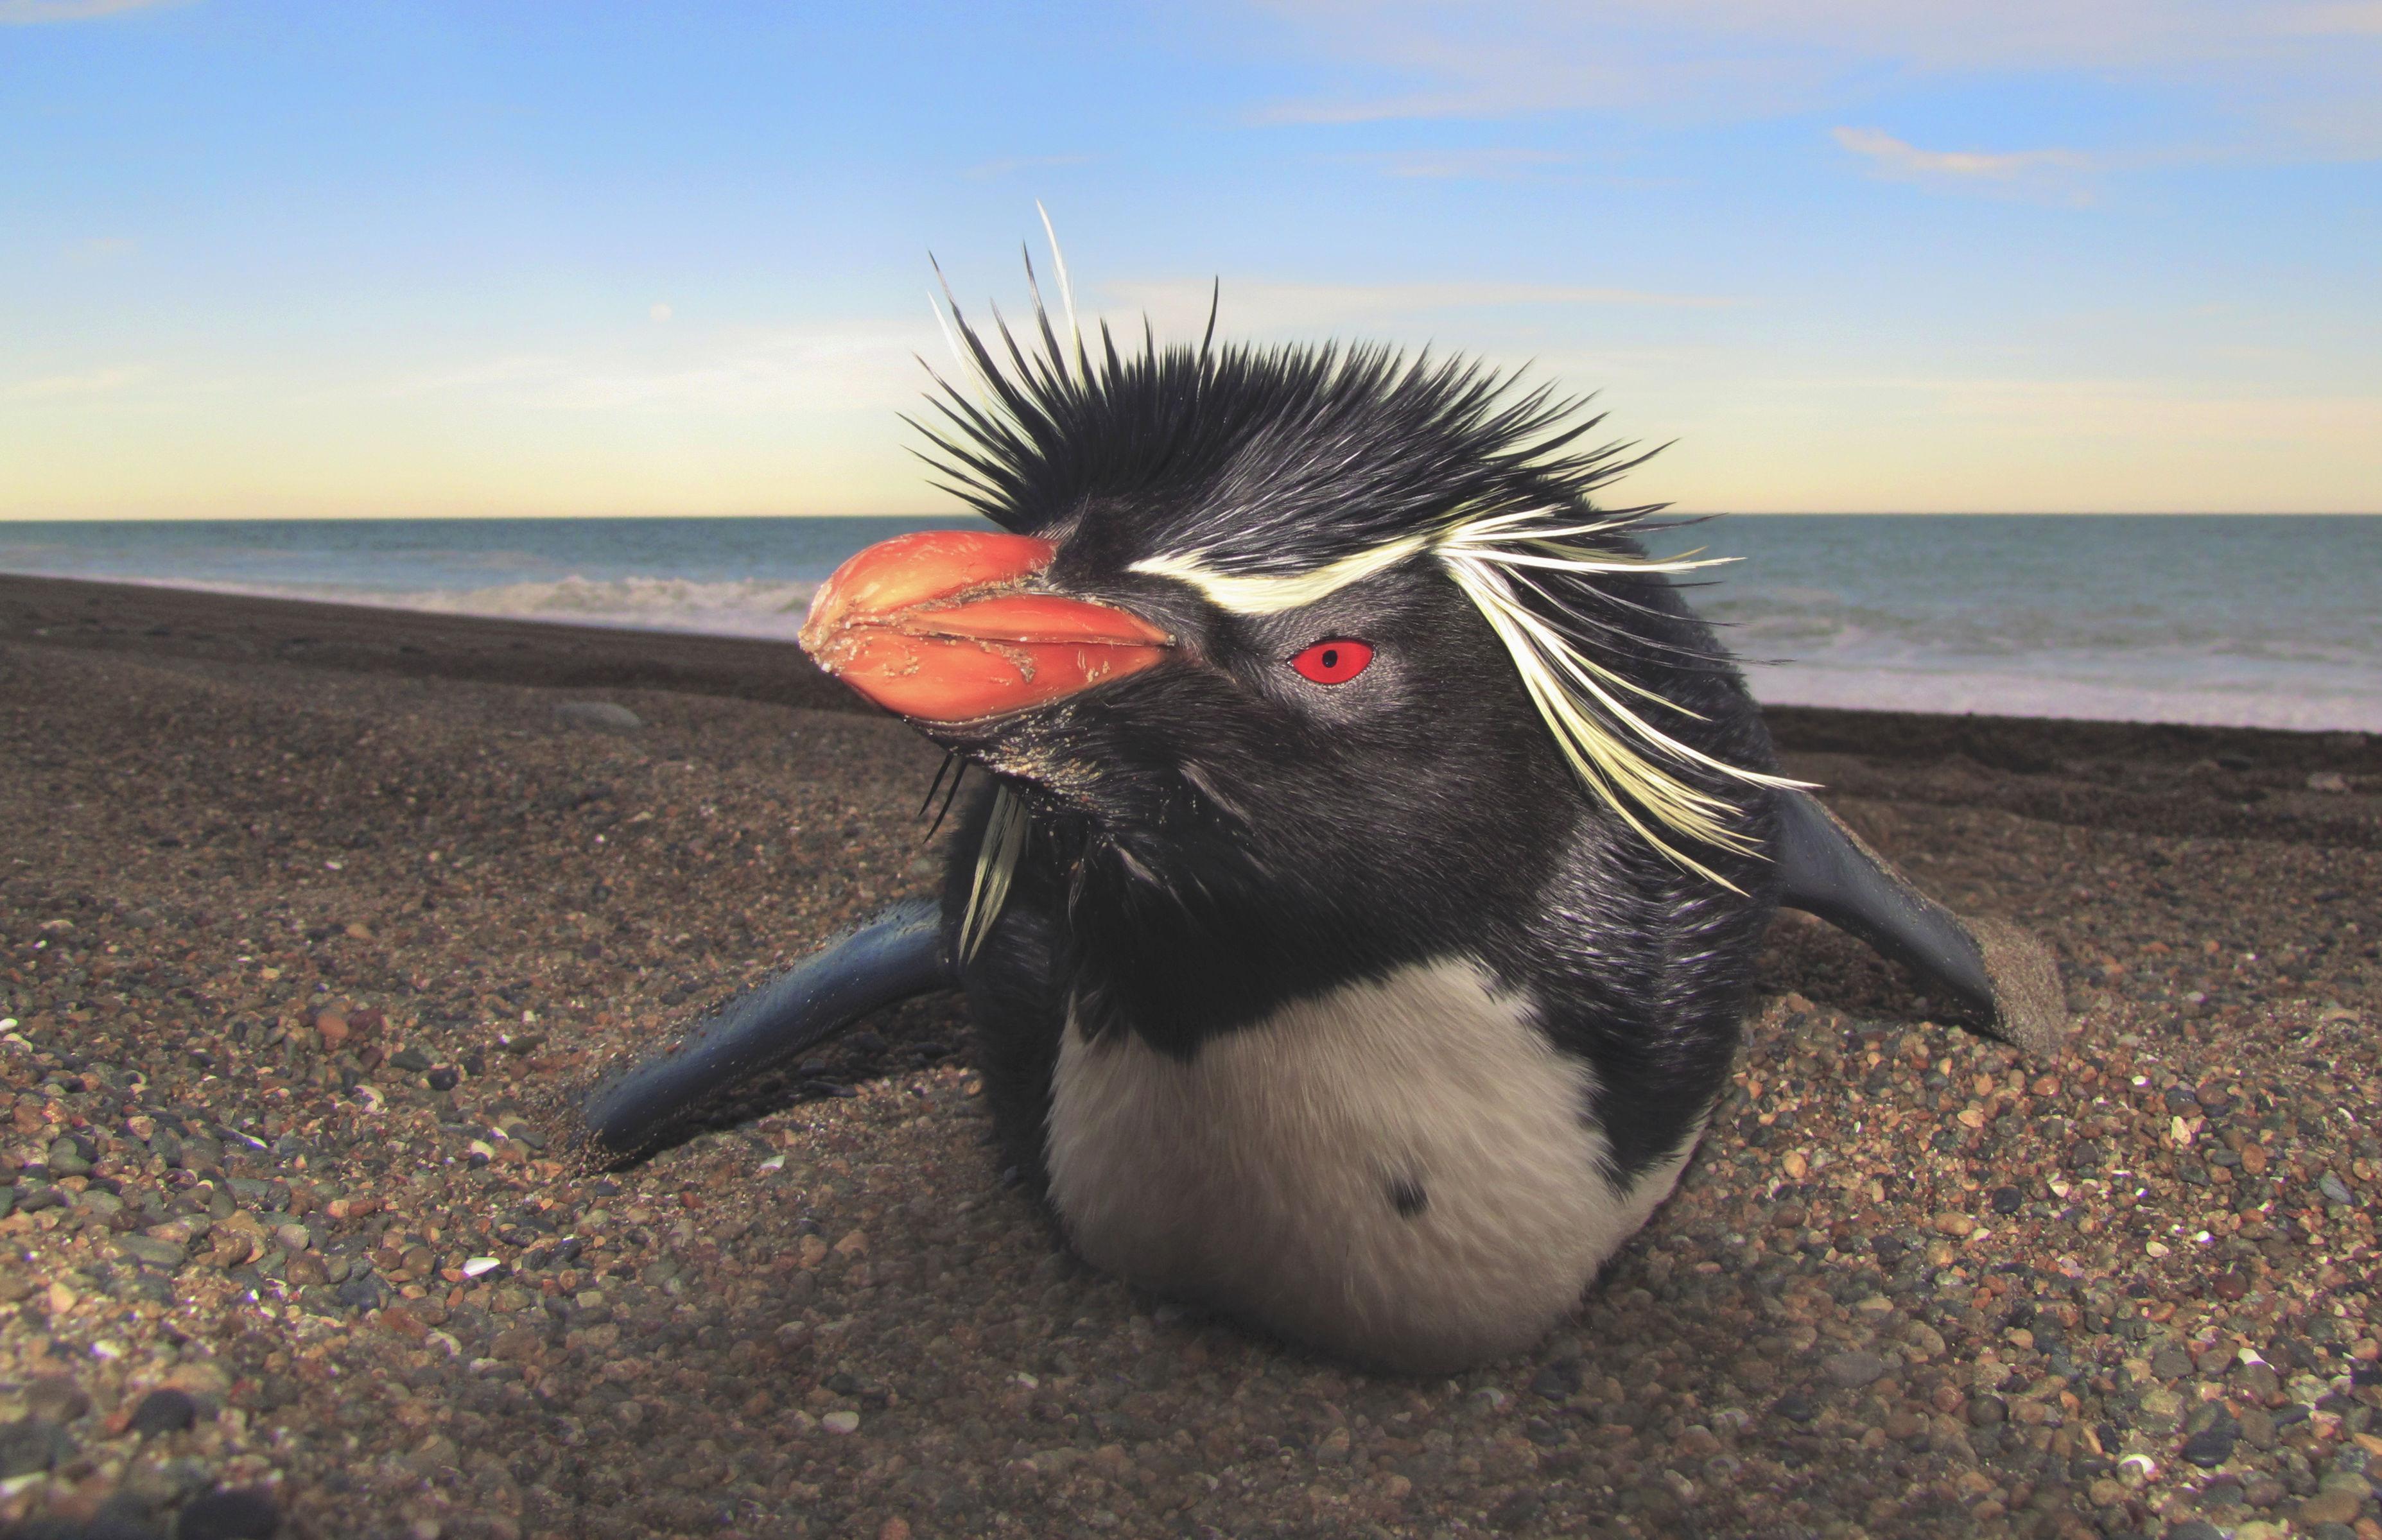 La reserva Burdwood II ayudaría a preservar a los pingüinos de penacho amarillo.   Foto Lyra Films